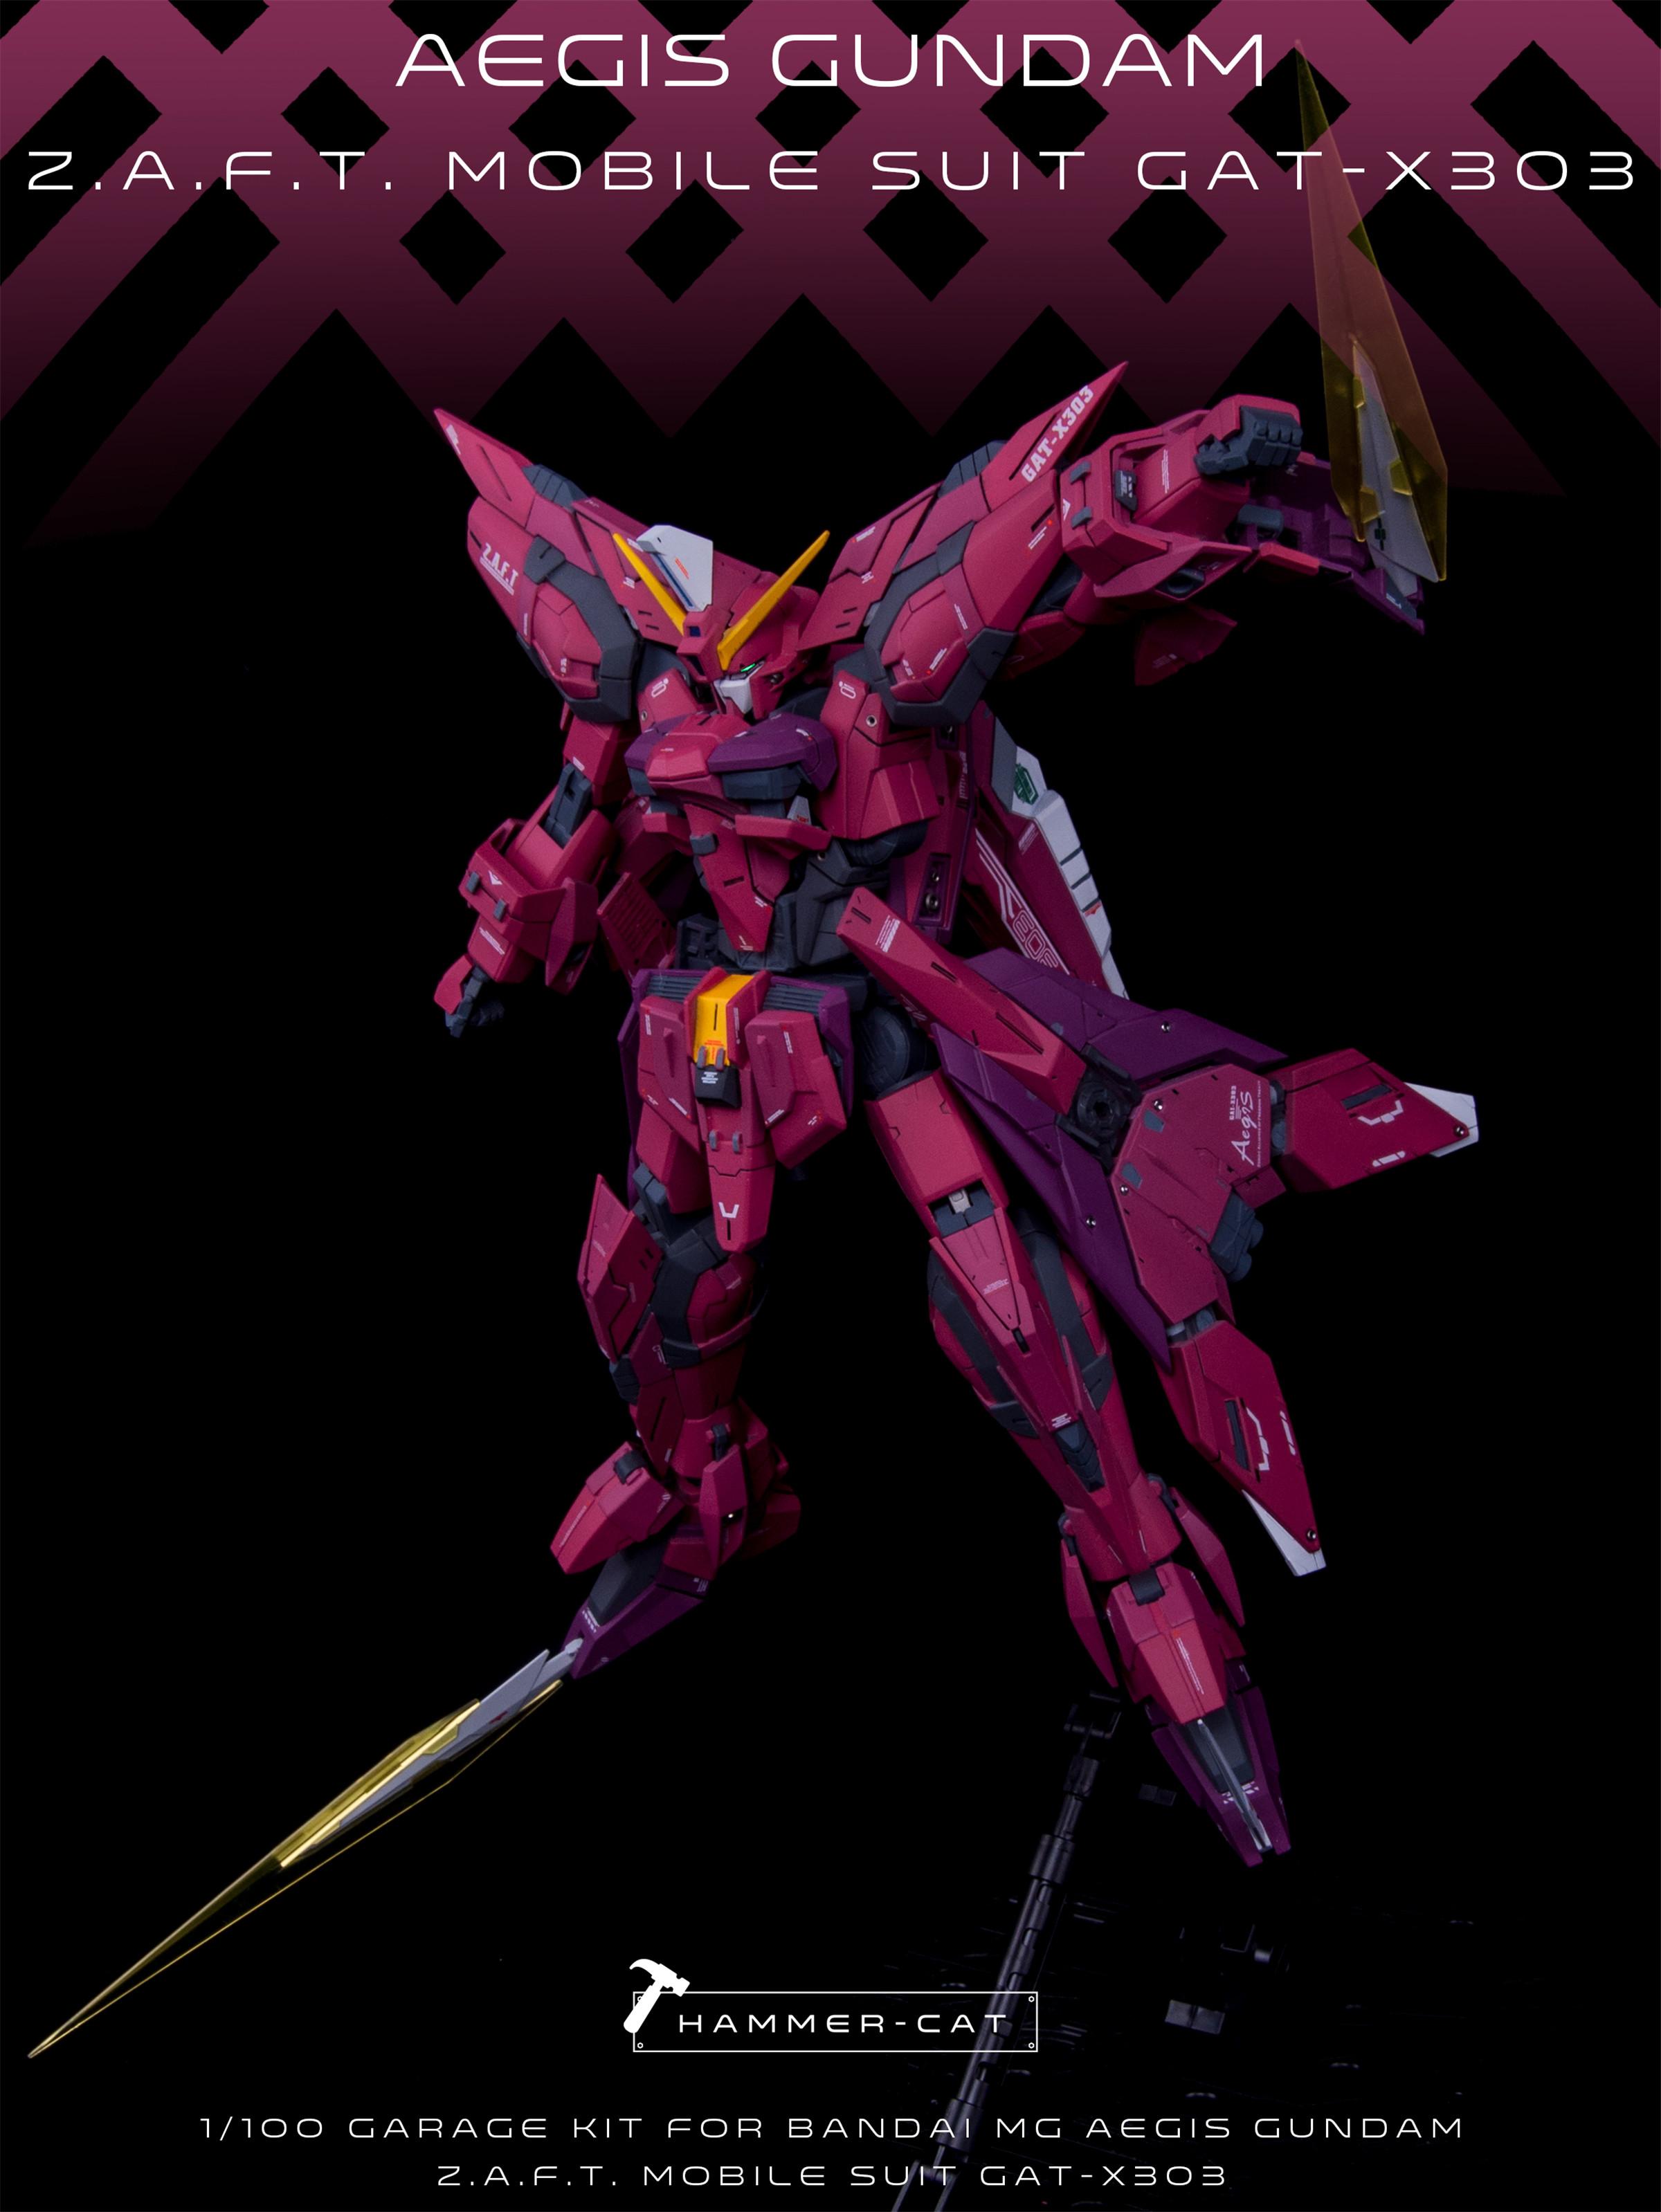 G579_GAT_X303_Aegis_Gundam_007.jpg